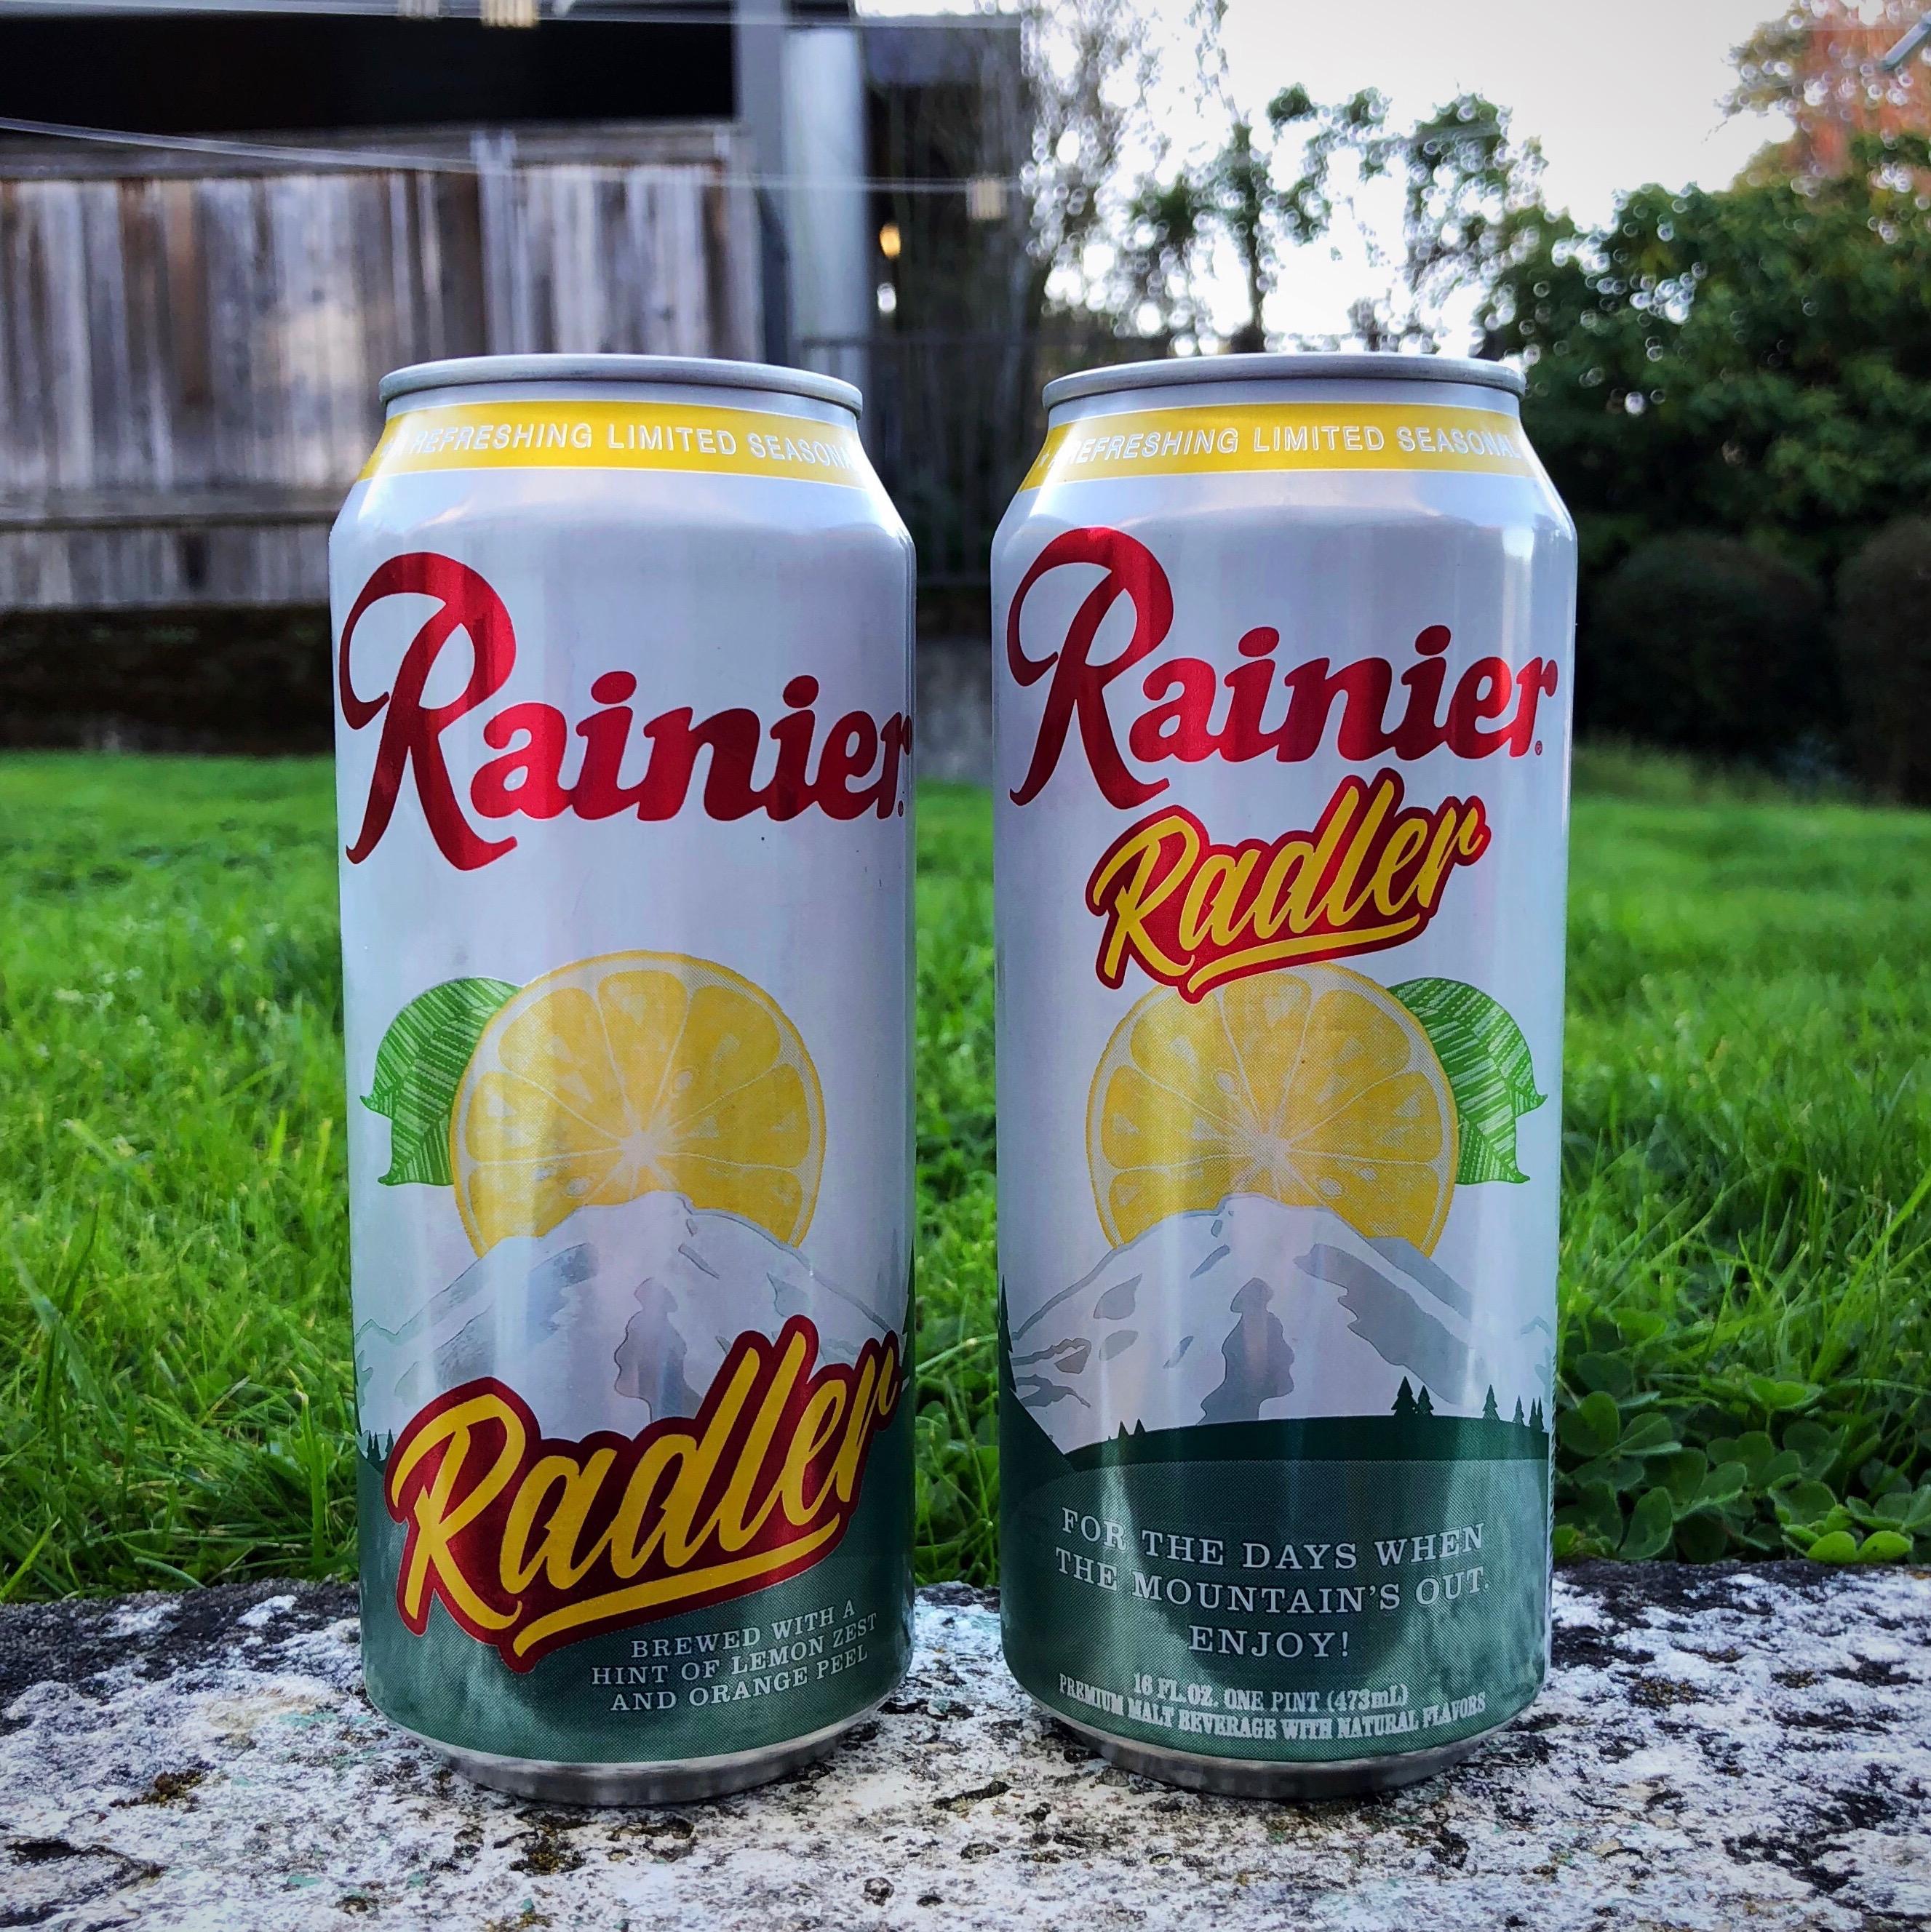 The label on the new Rainier Radler.